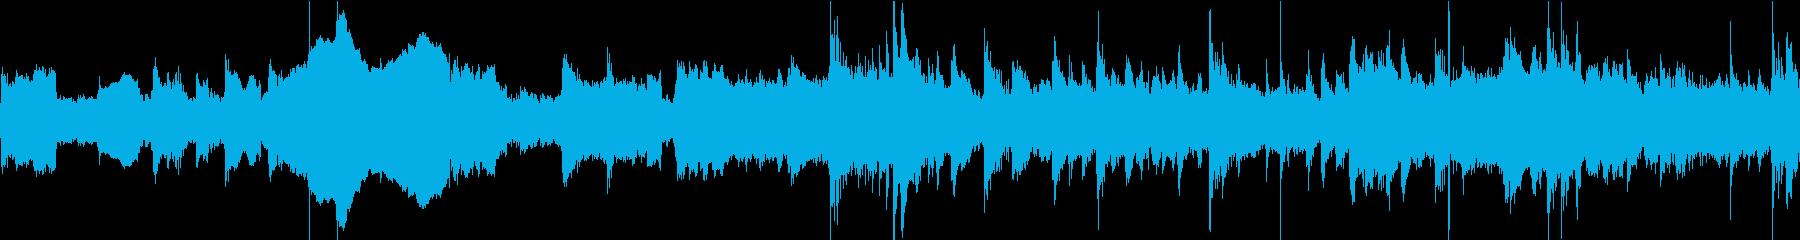 二胡と古琴による中華バラードの再生済みの波形